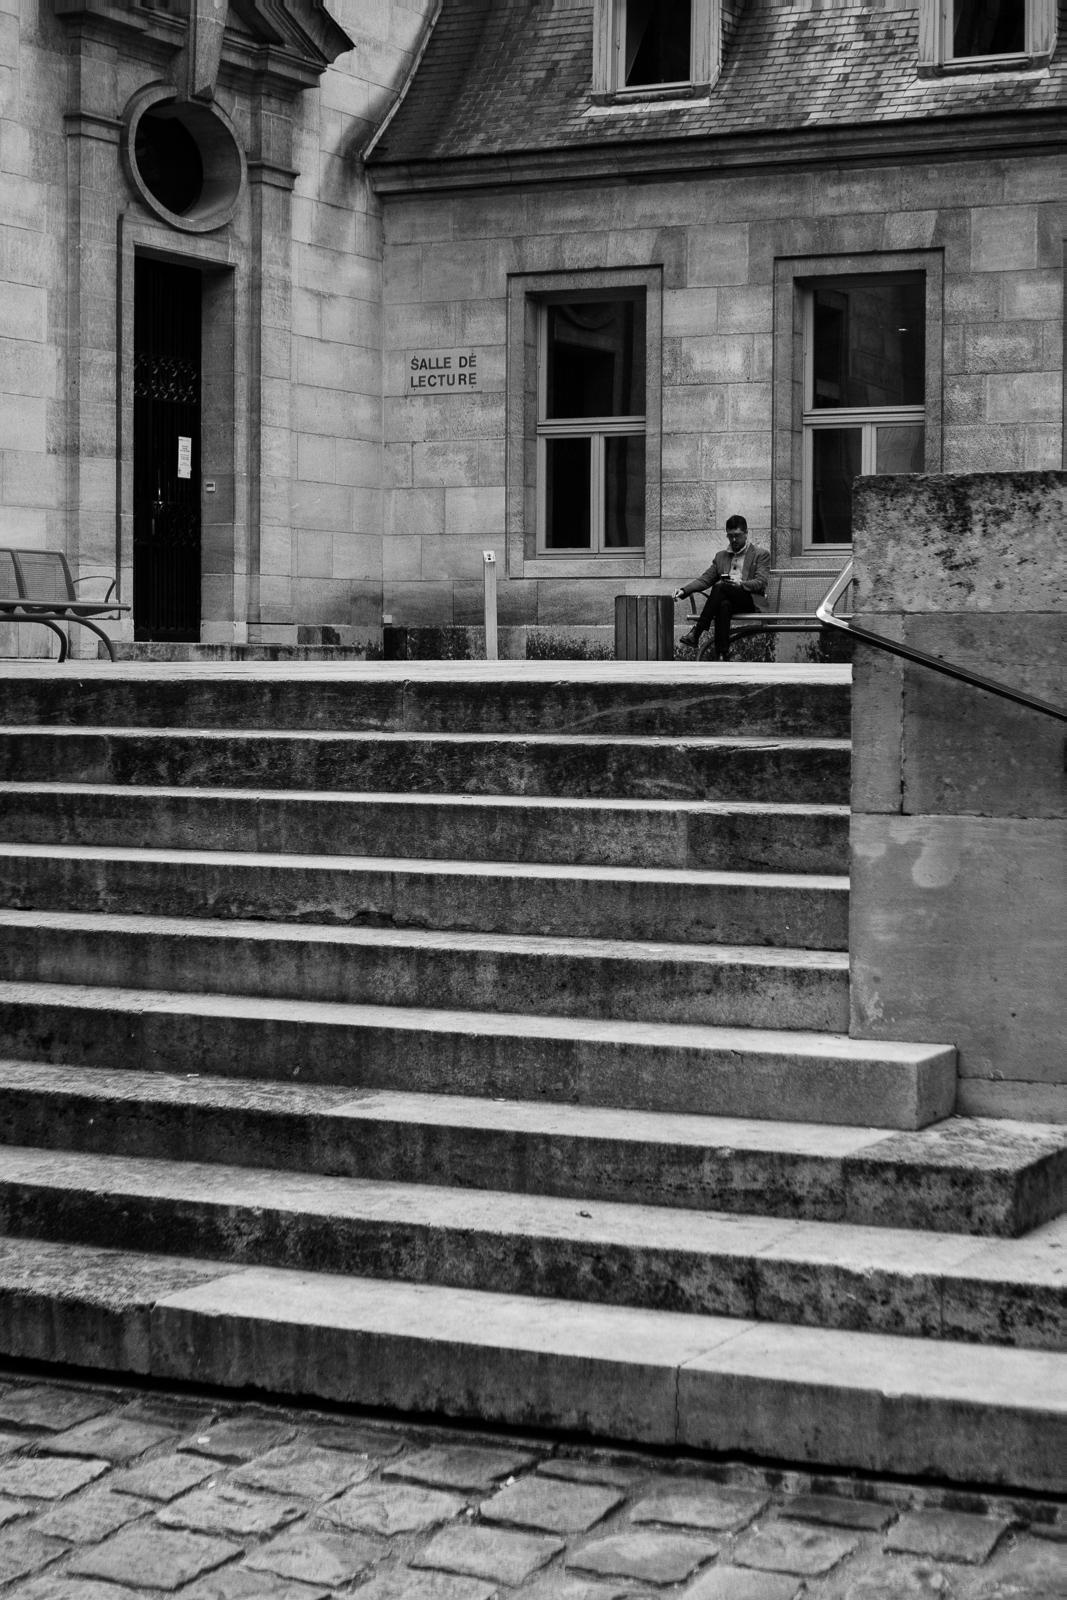 paris_street_2016-1217